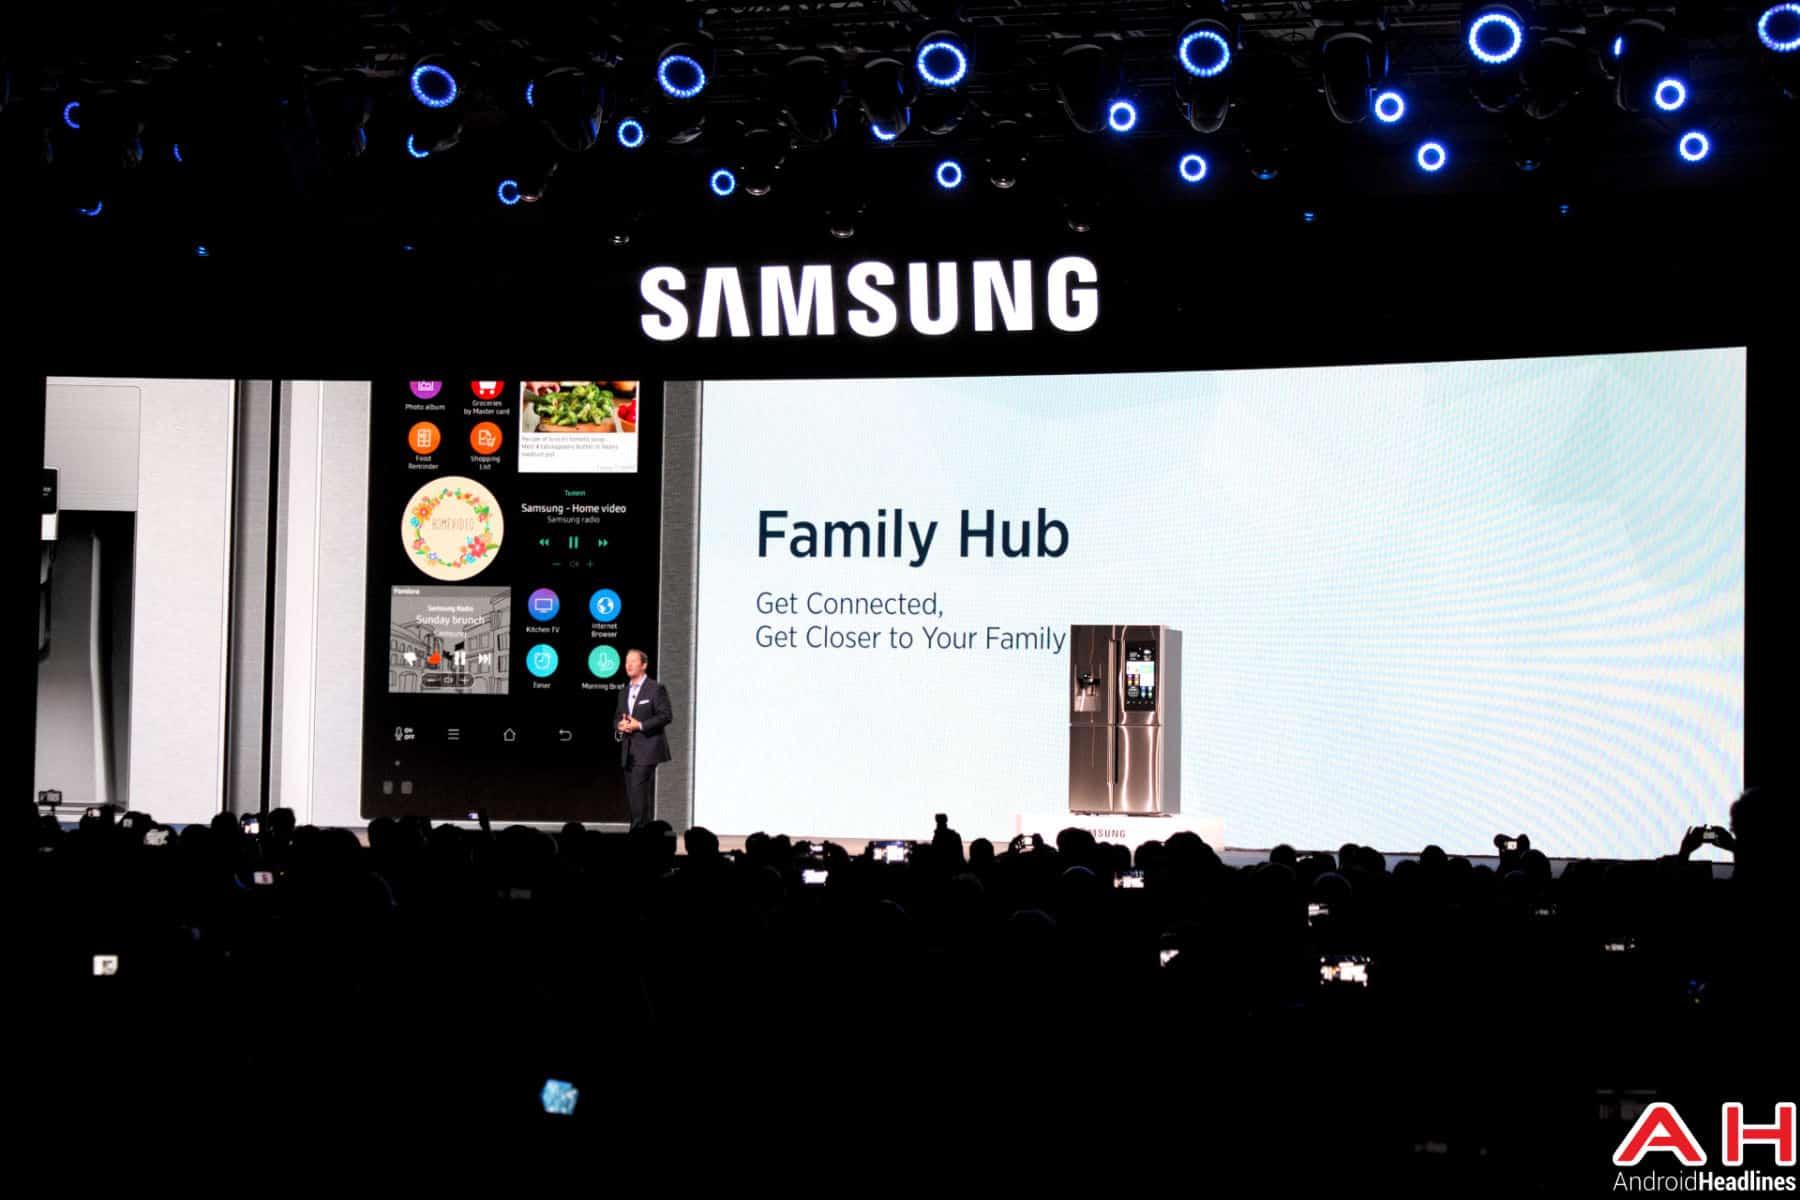 Samsung Family Hub CES AH 2